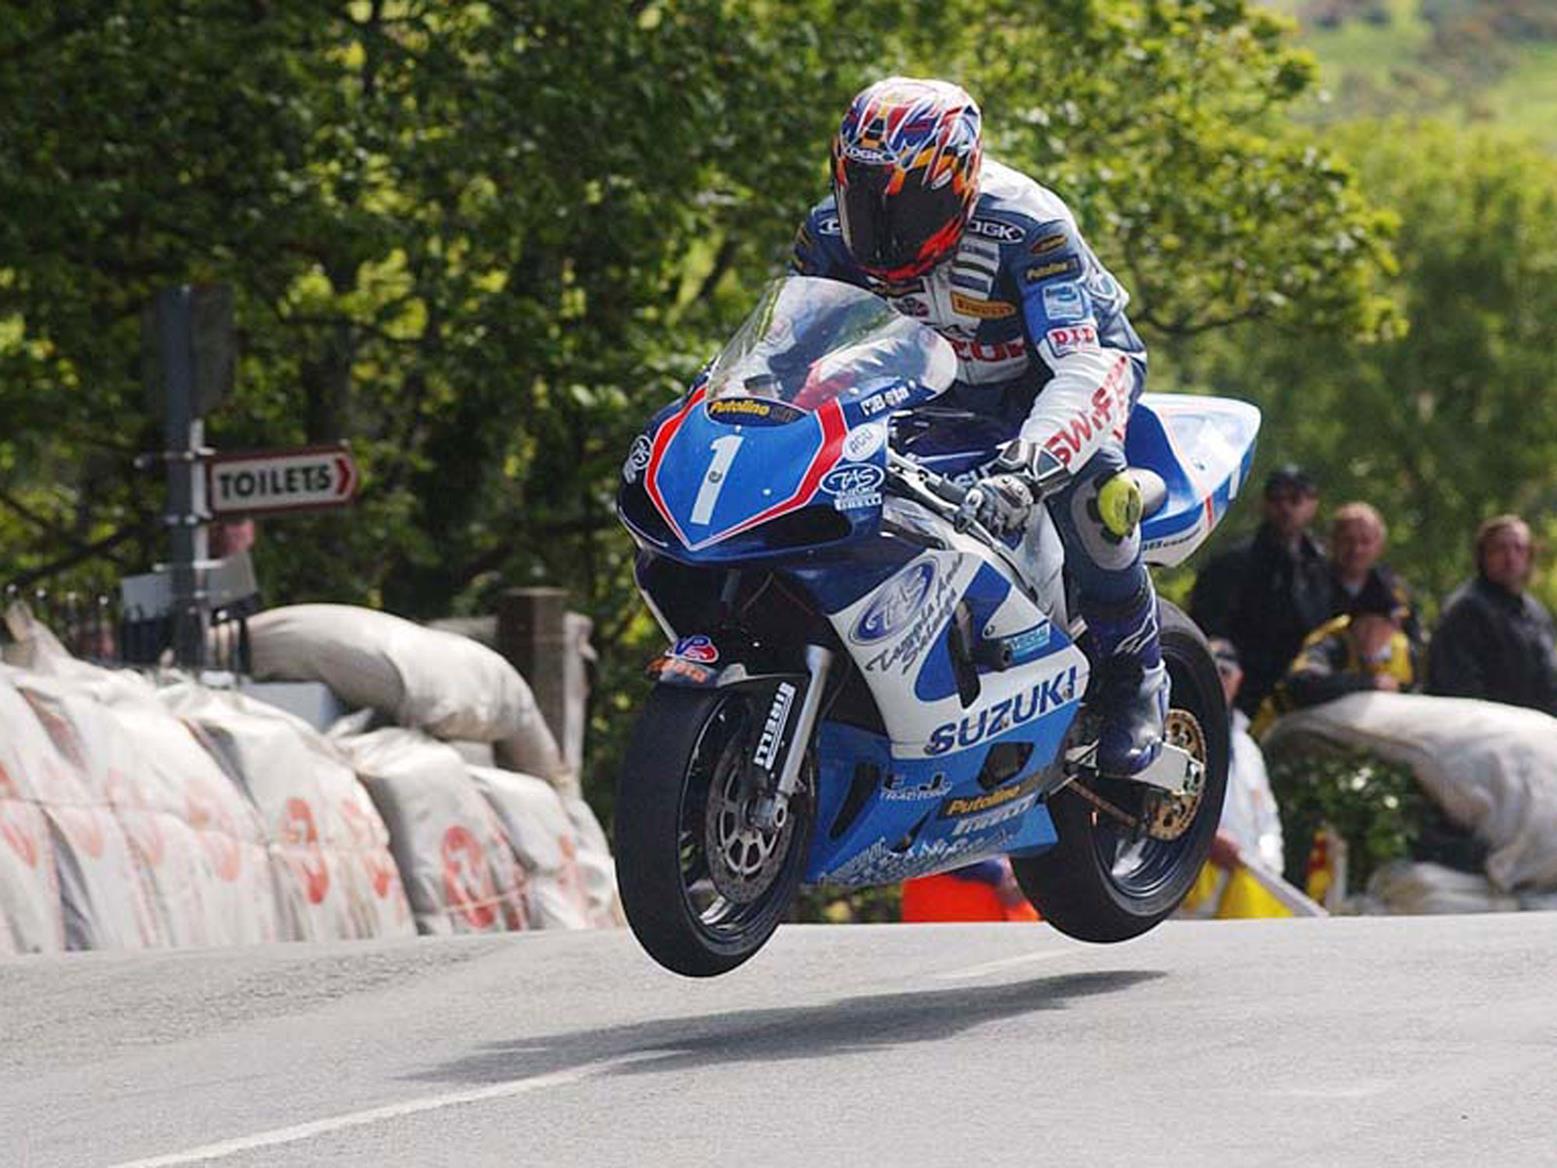 Jefferies 2002 Production Class TT win